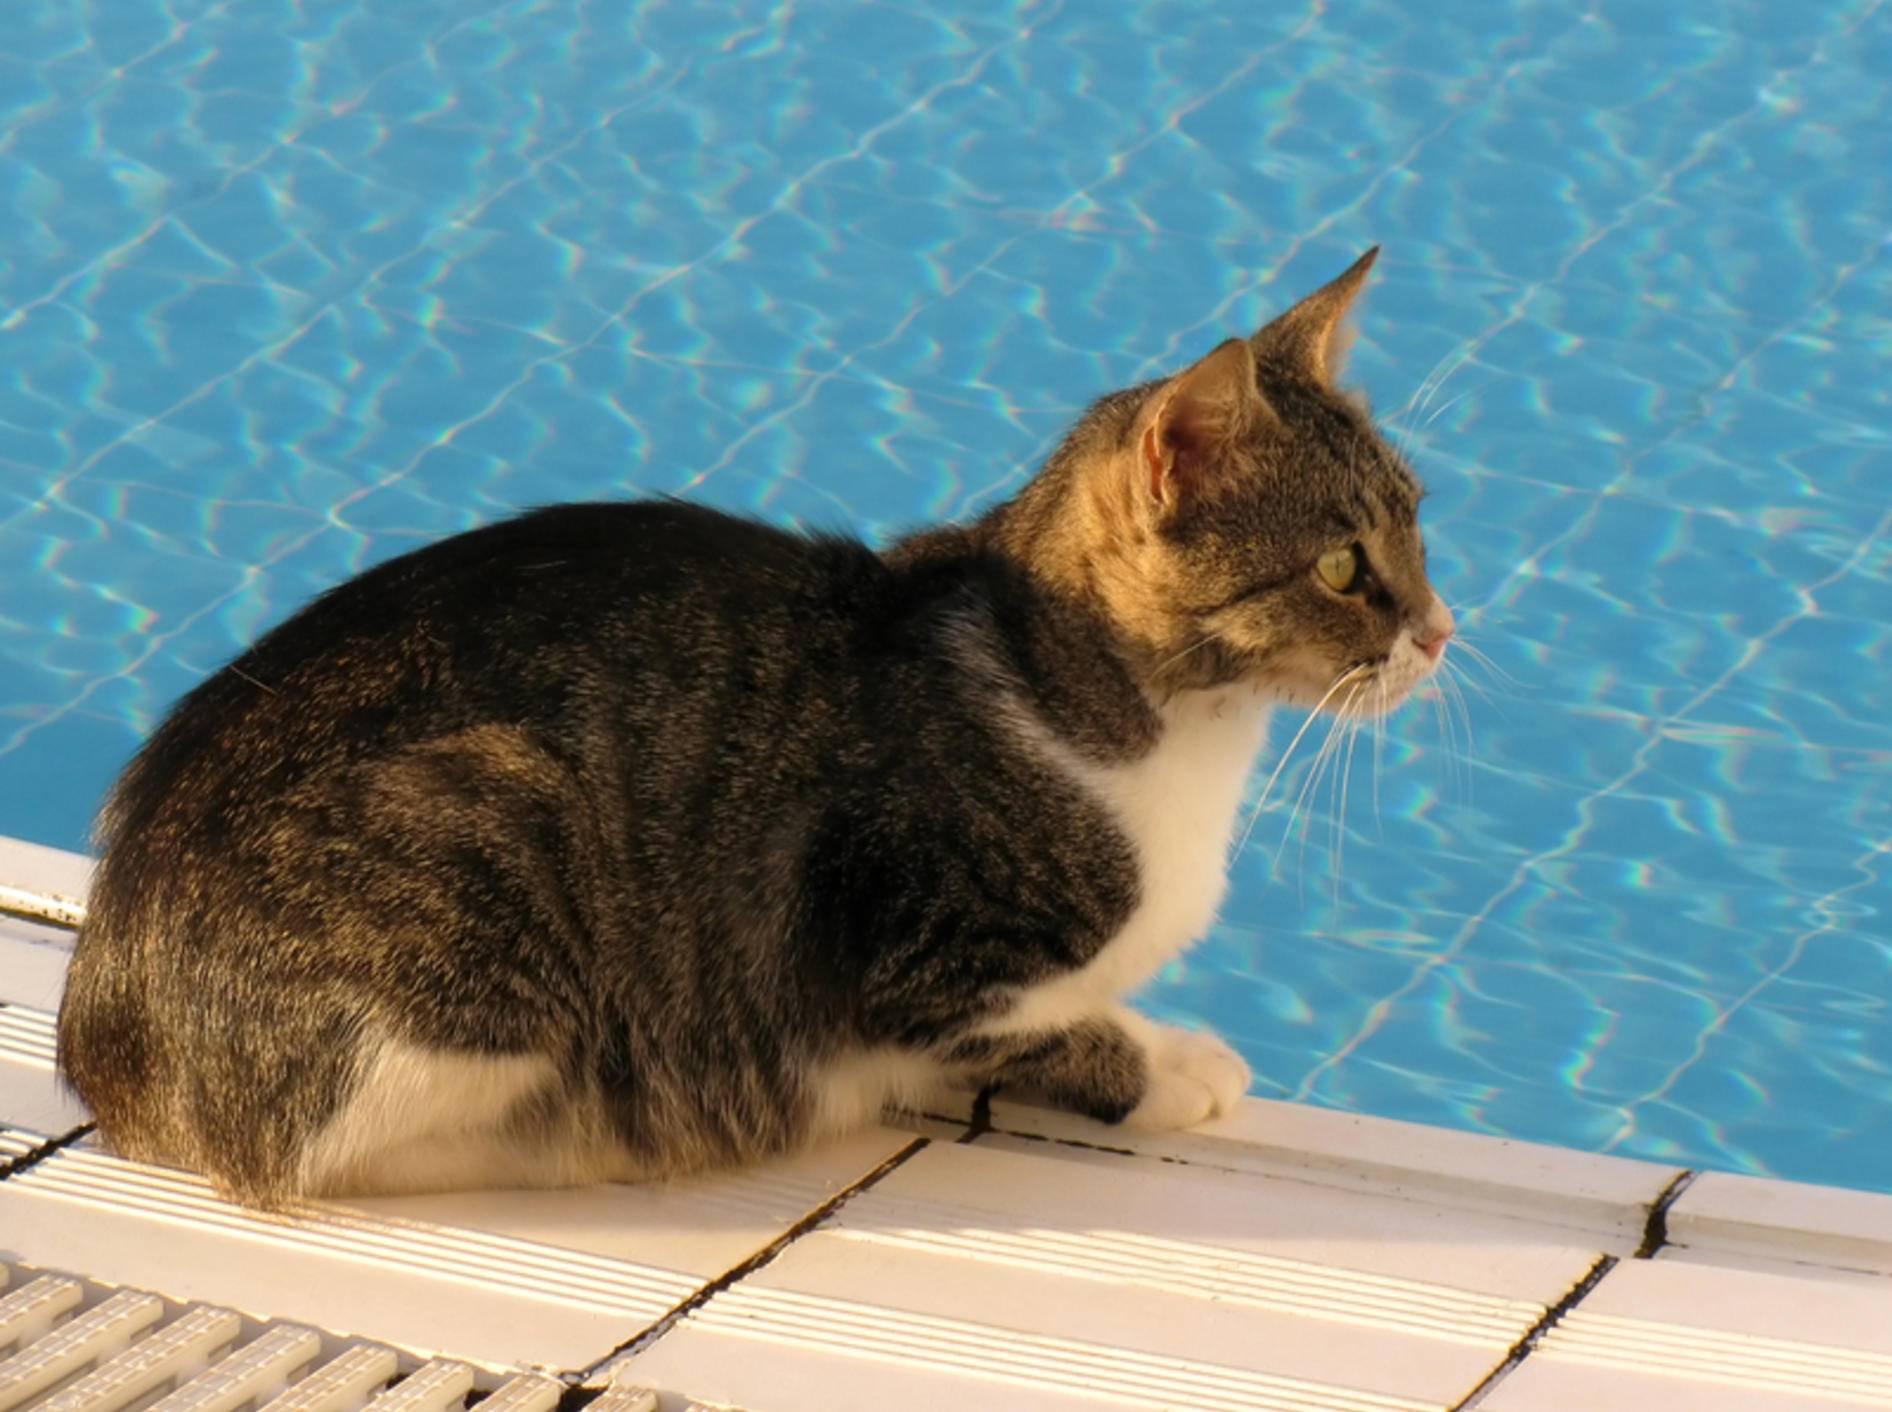 Ist ein erfrischendes Bad für Katzen mit ihren Schwimmfähigkeiten überhaupt möglich? – shutterstock / Olga Lipatova